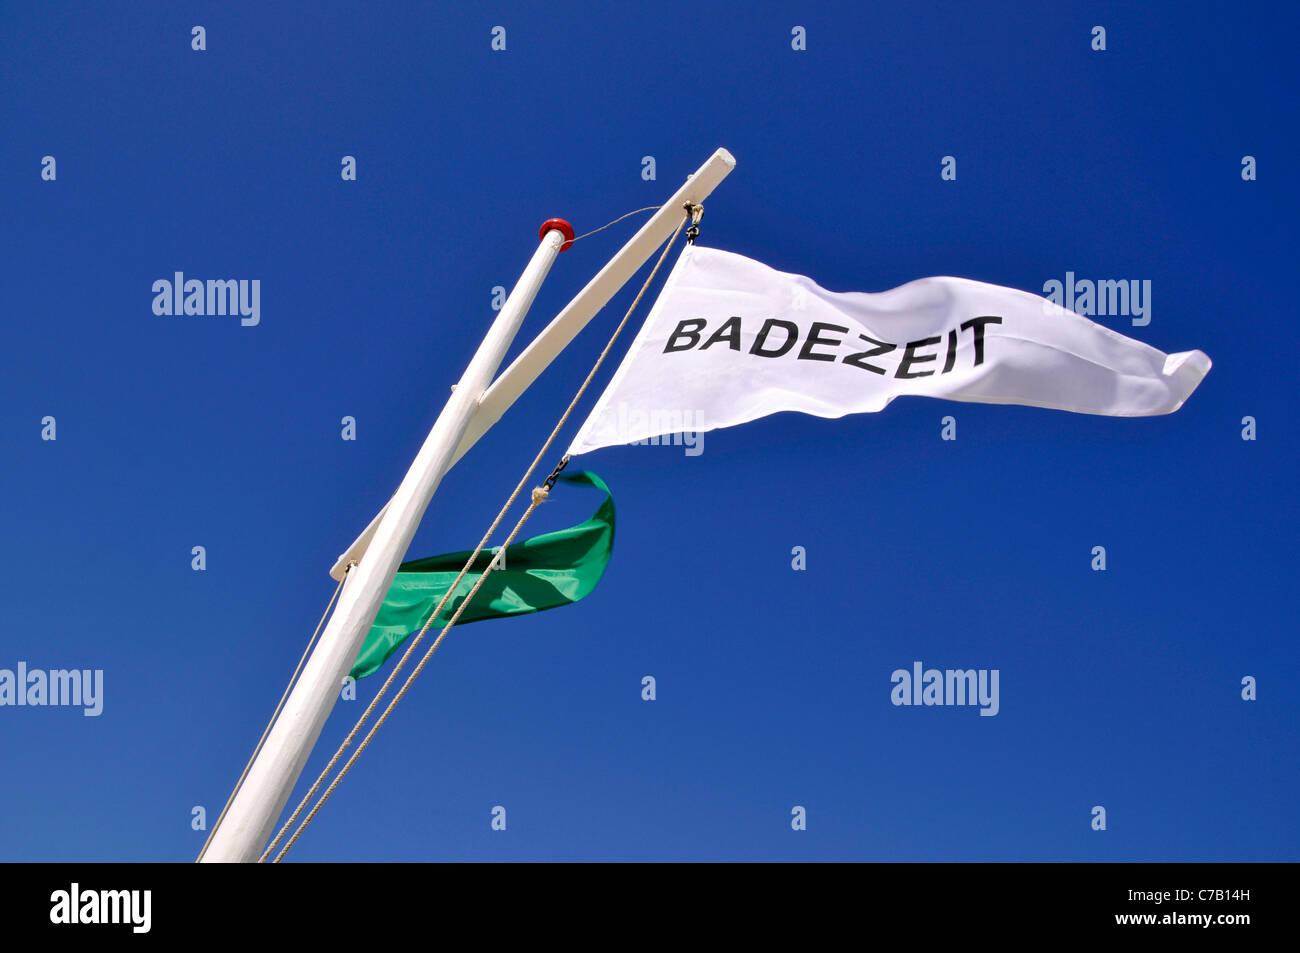 Flagge der Badezeit oder schwimmen, Strand in Westerland, Sylt, friesischen Nordinsel, Deutschland, Europa Stockbild